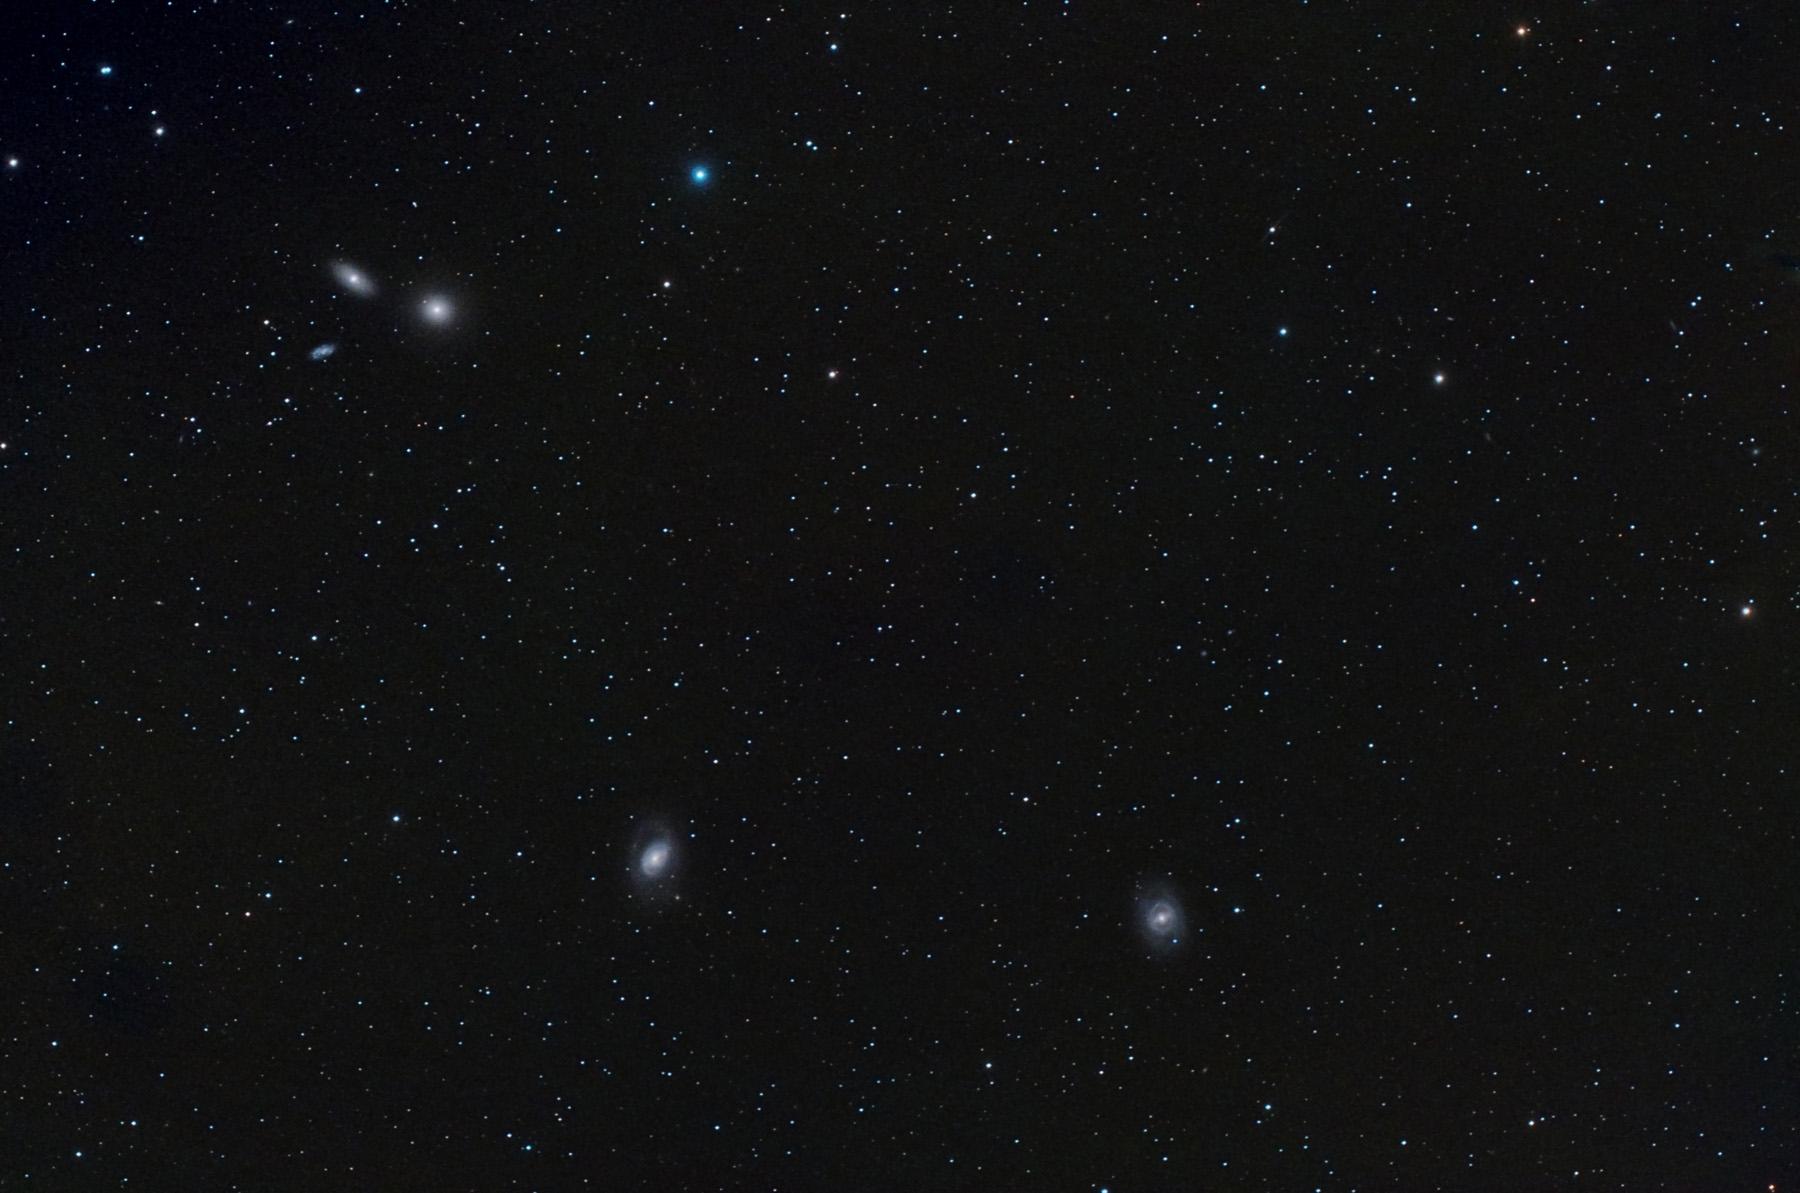 Supernova SN2012AW a M95, amb M96, M105 i NGC 3371 i 3389